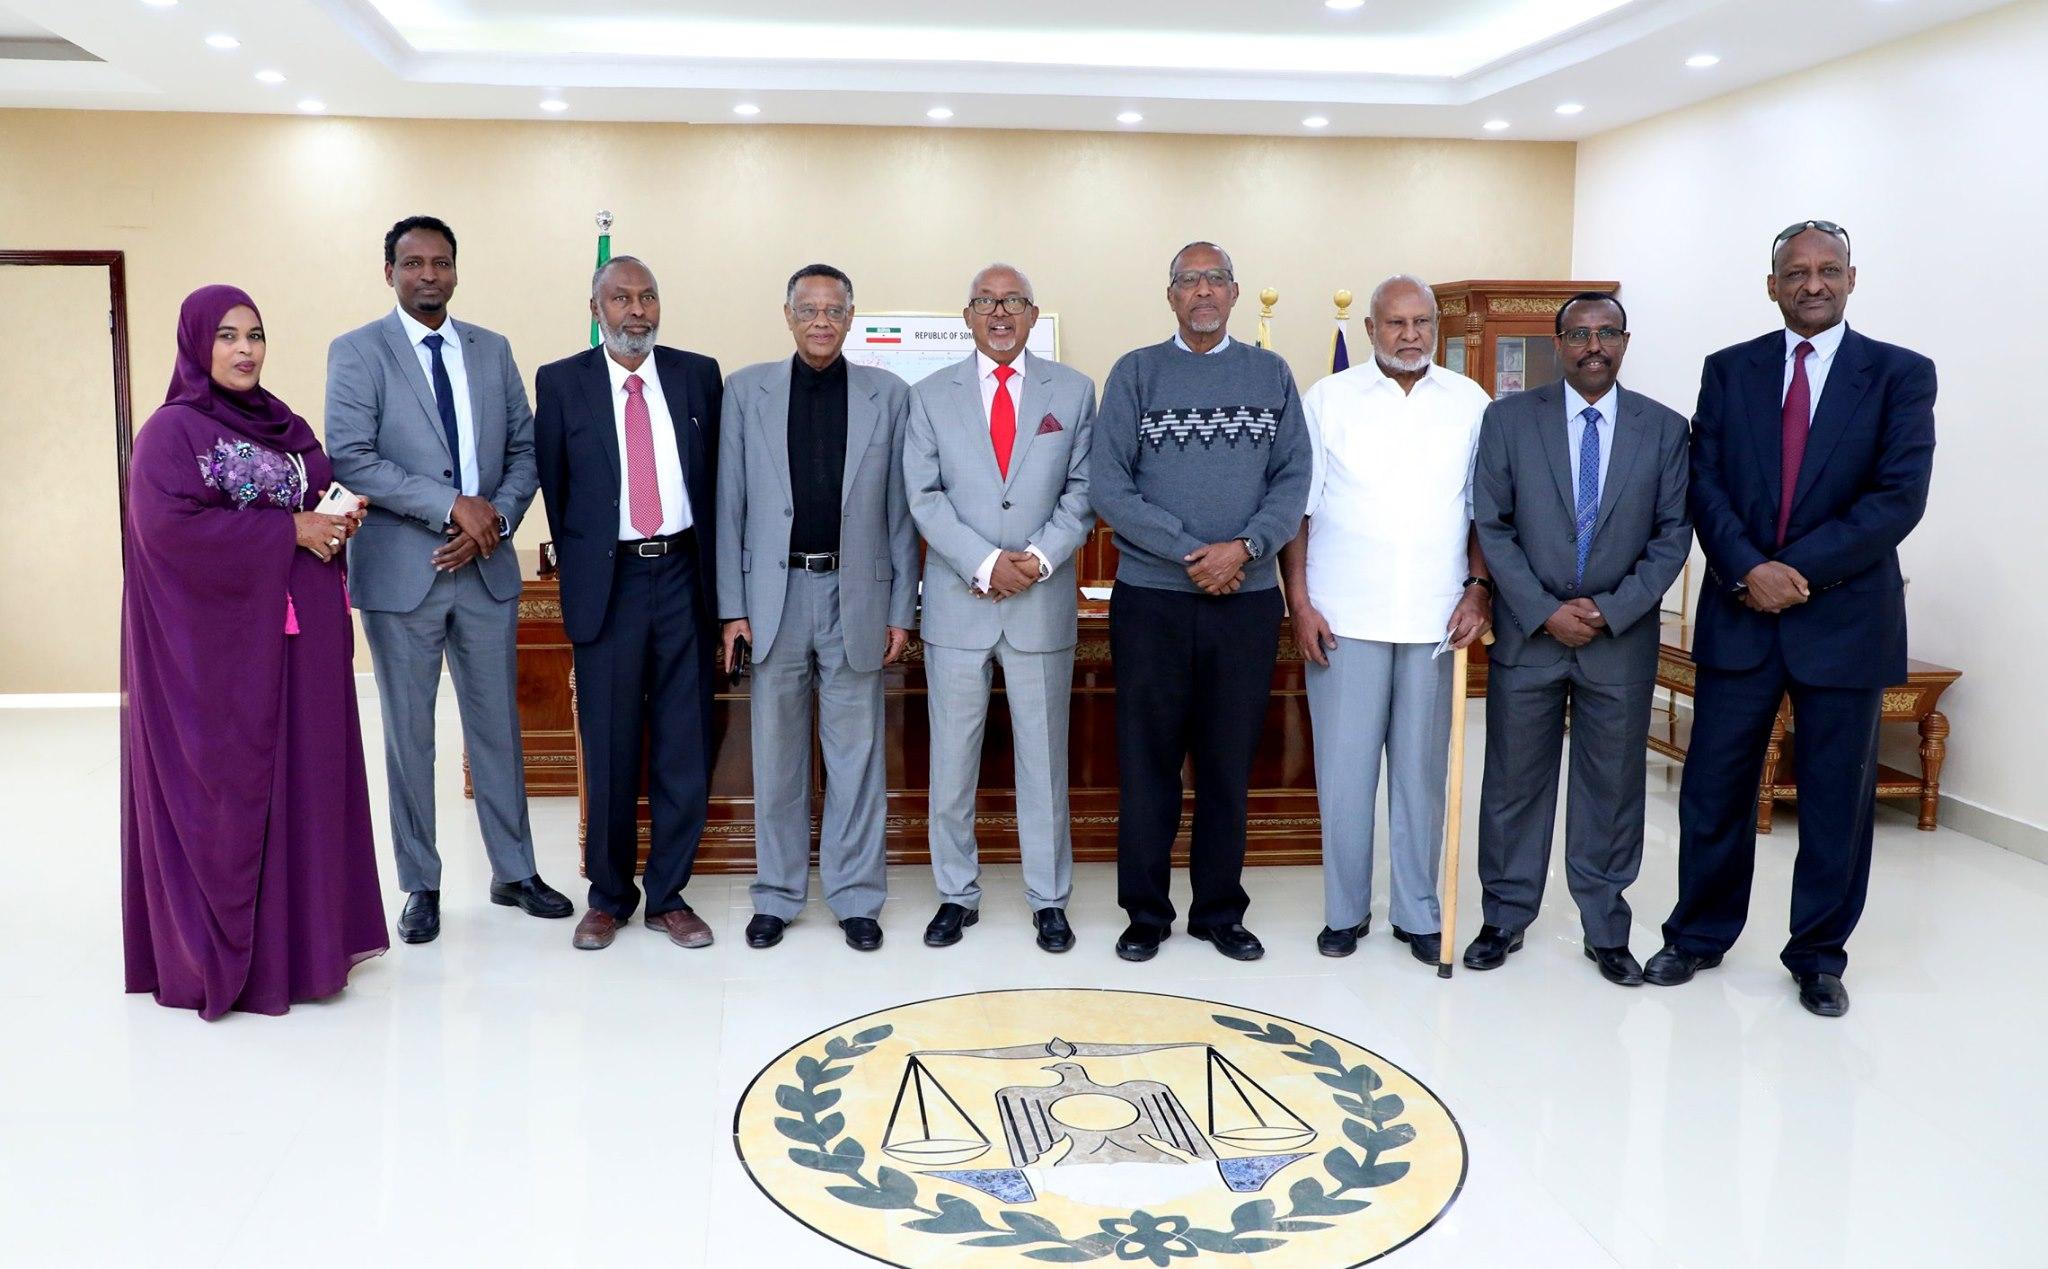 Hargaysa:-Madaxweynaha Somaliland Oo Kulan La Qaatay Shir Gudoonka Guurtida & Wakiilada Iyo Komishankii Hore Ee Doorashooyinka Qaranka.